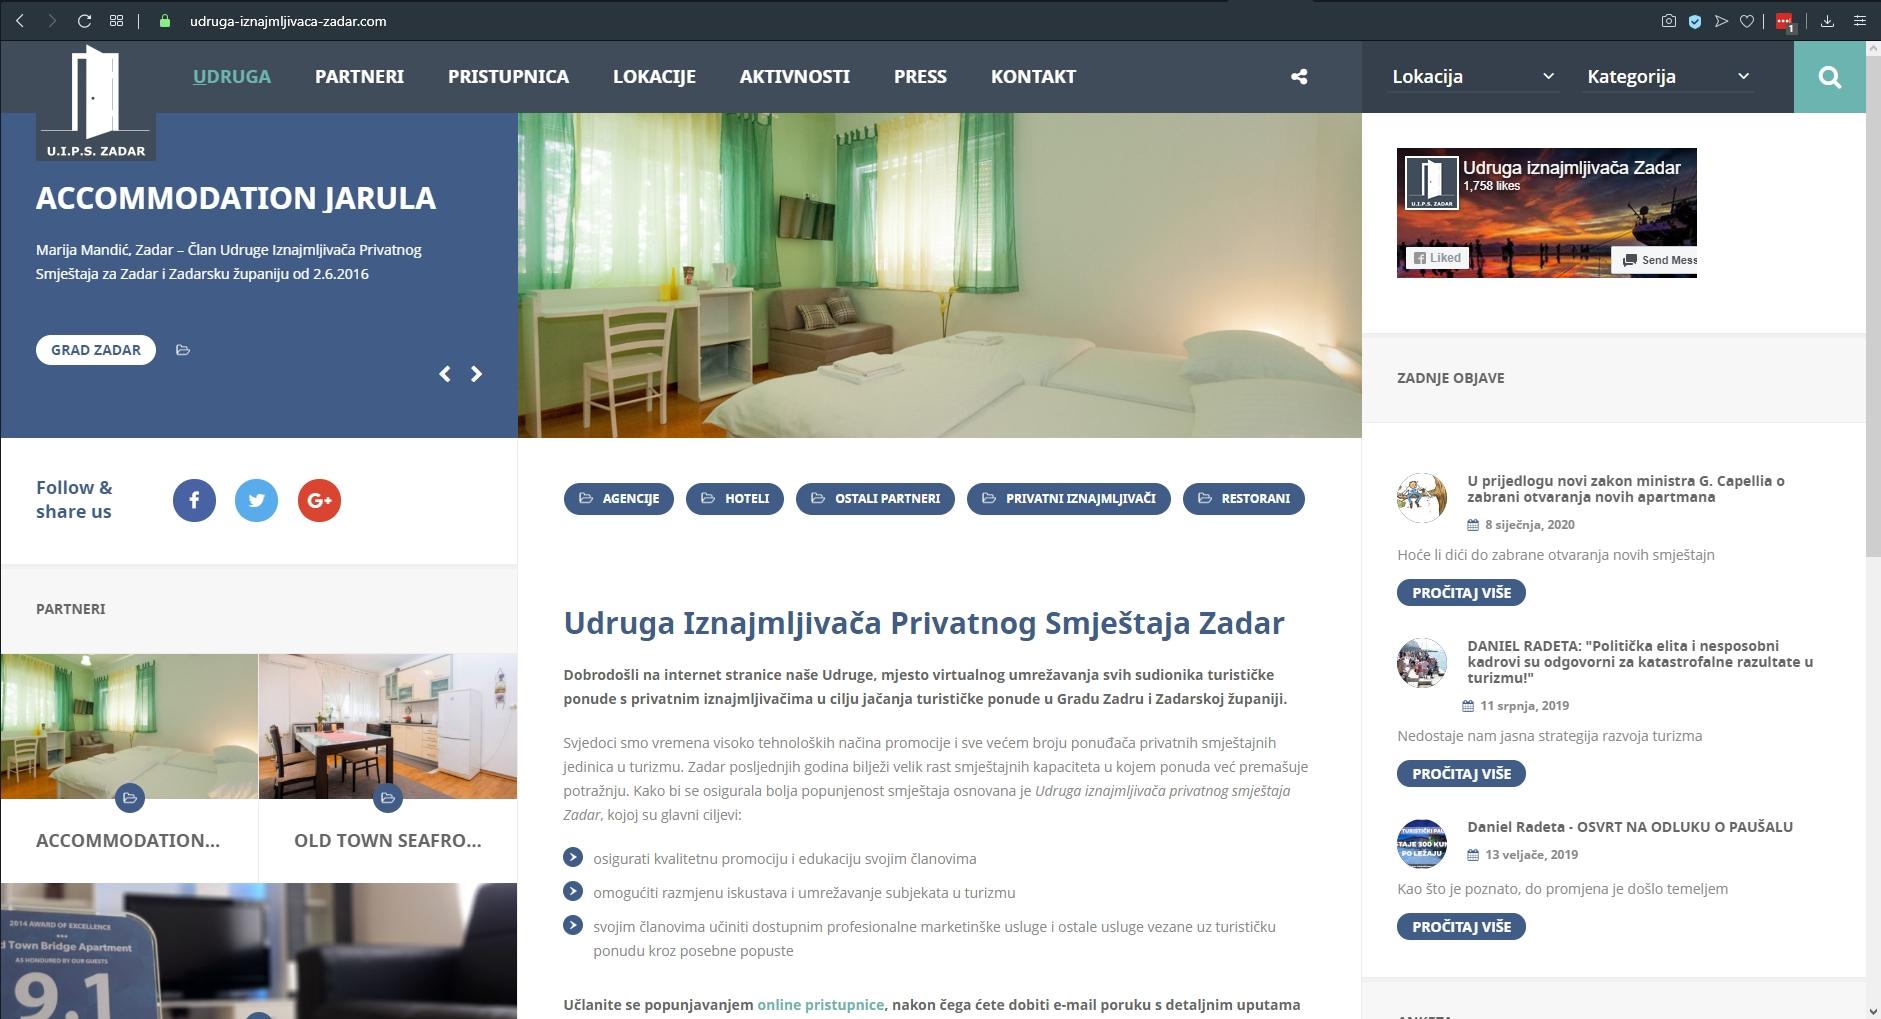 Udruga Iznajmljivača Zadar